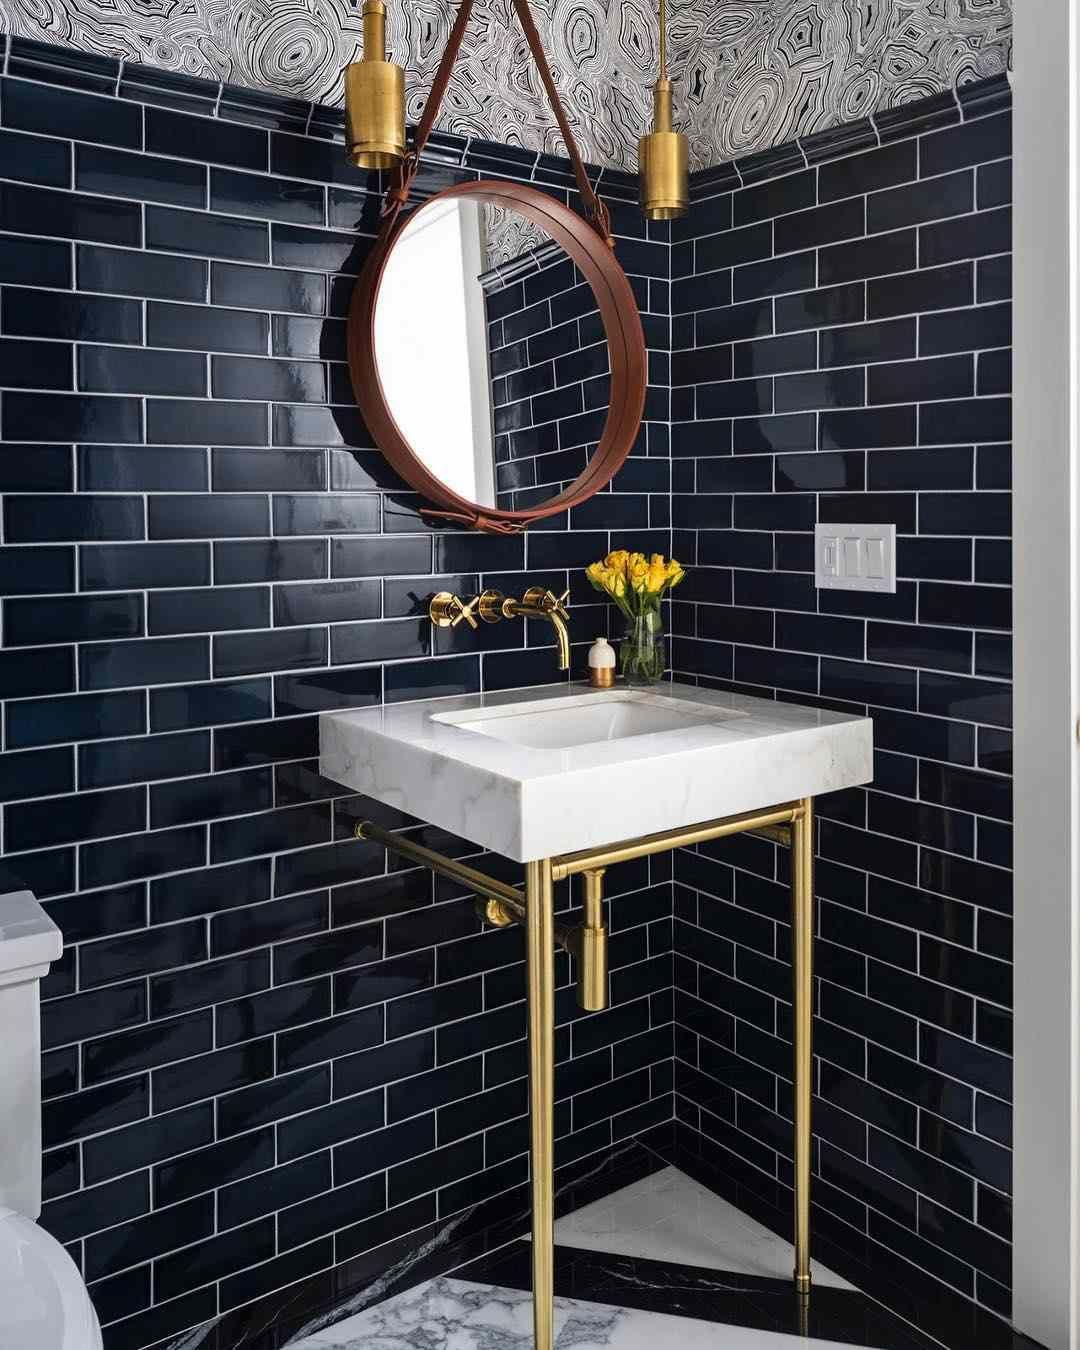 32 Beautiful Bathroom Tile Design Ideas Vintage Bathroom Decor Stunning Bathrooms Tile Bathroom